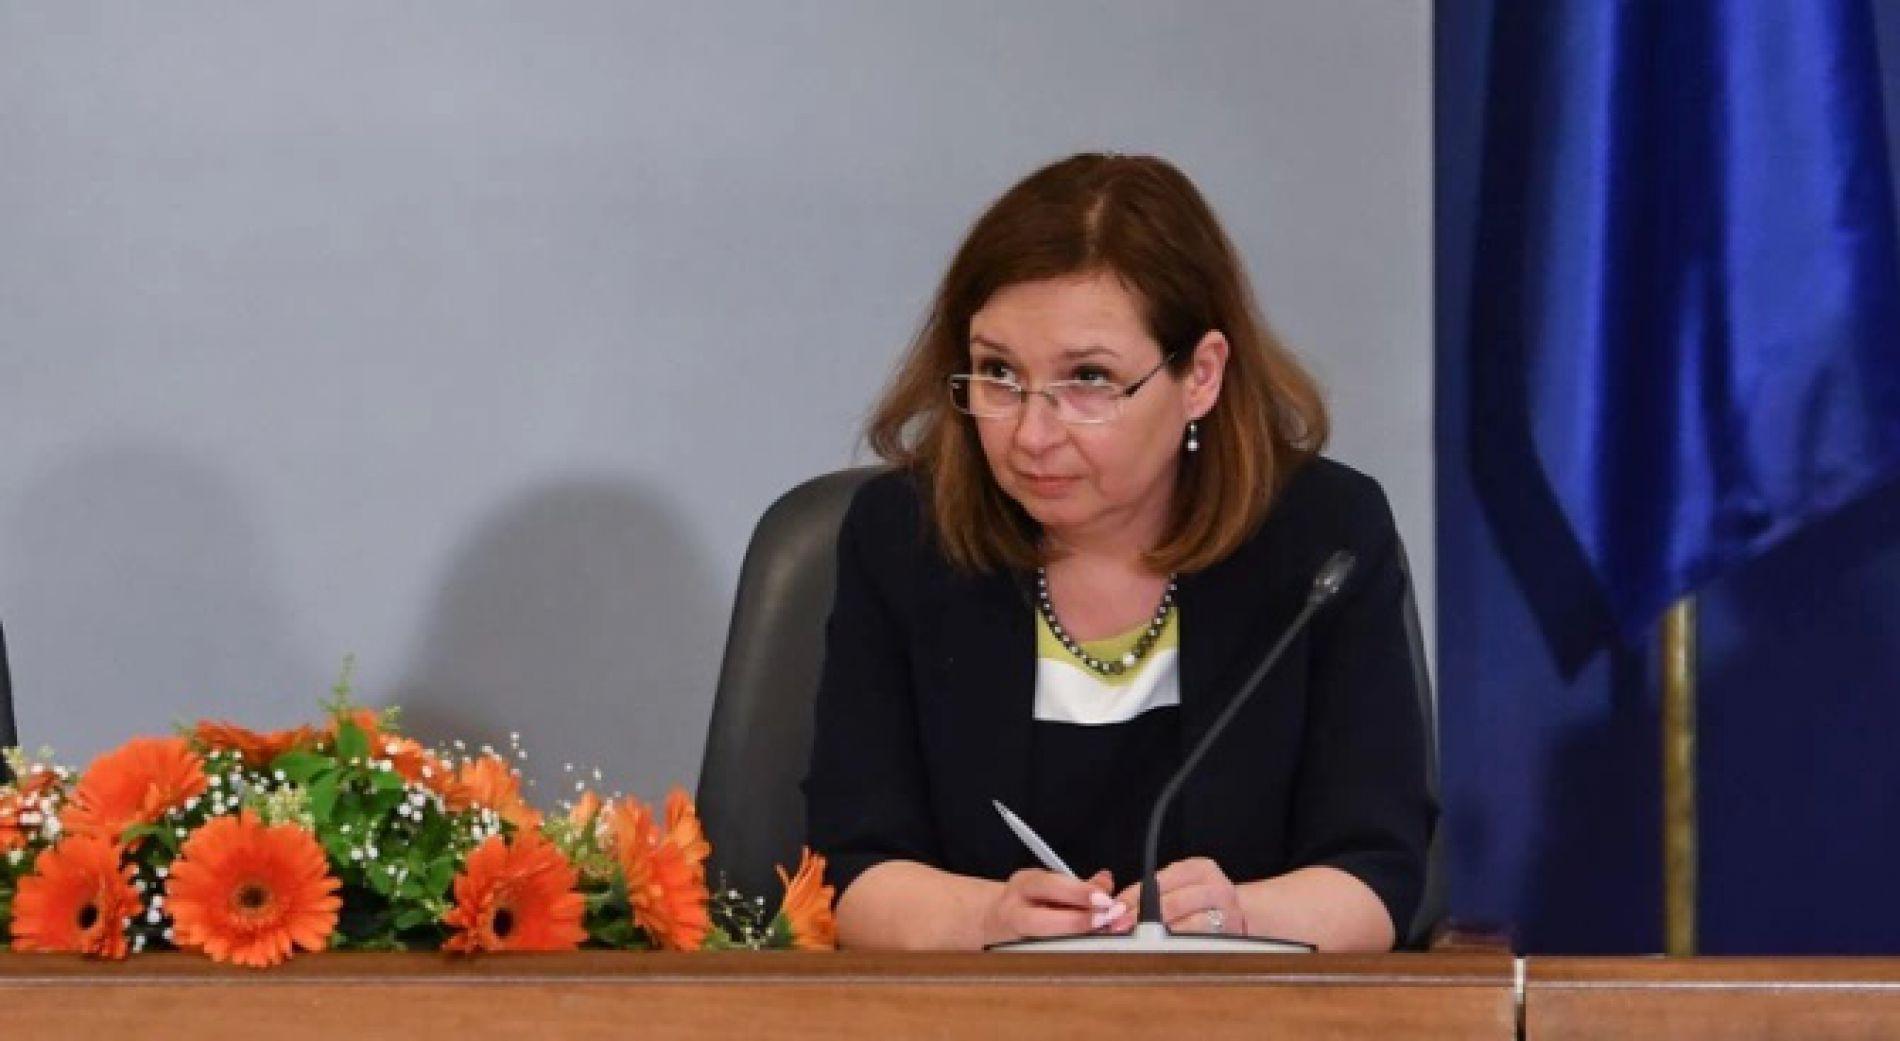 Зорница Русинова: У правительства определенно есть план по преодолению кризиса